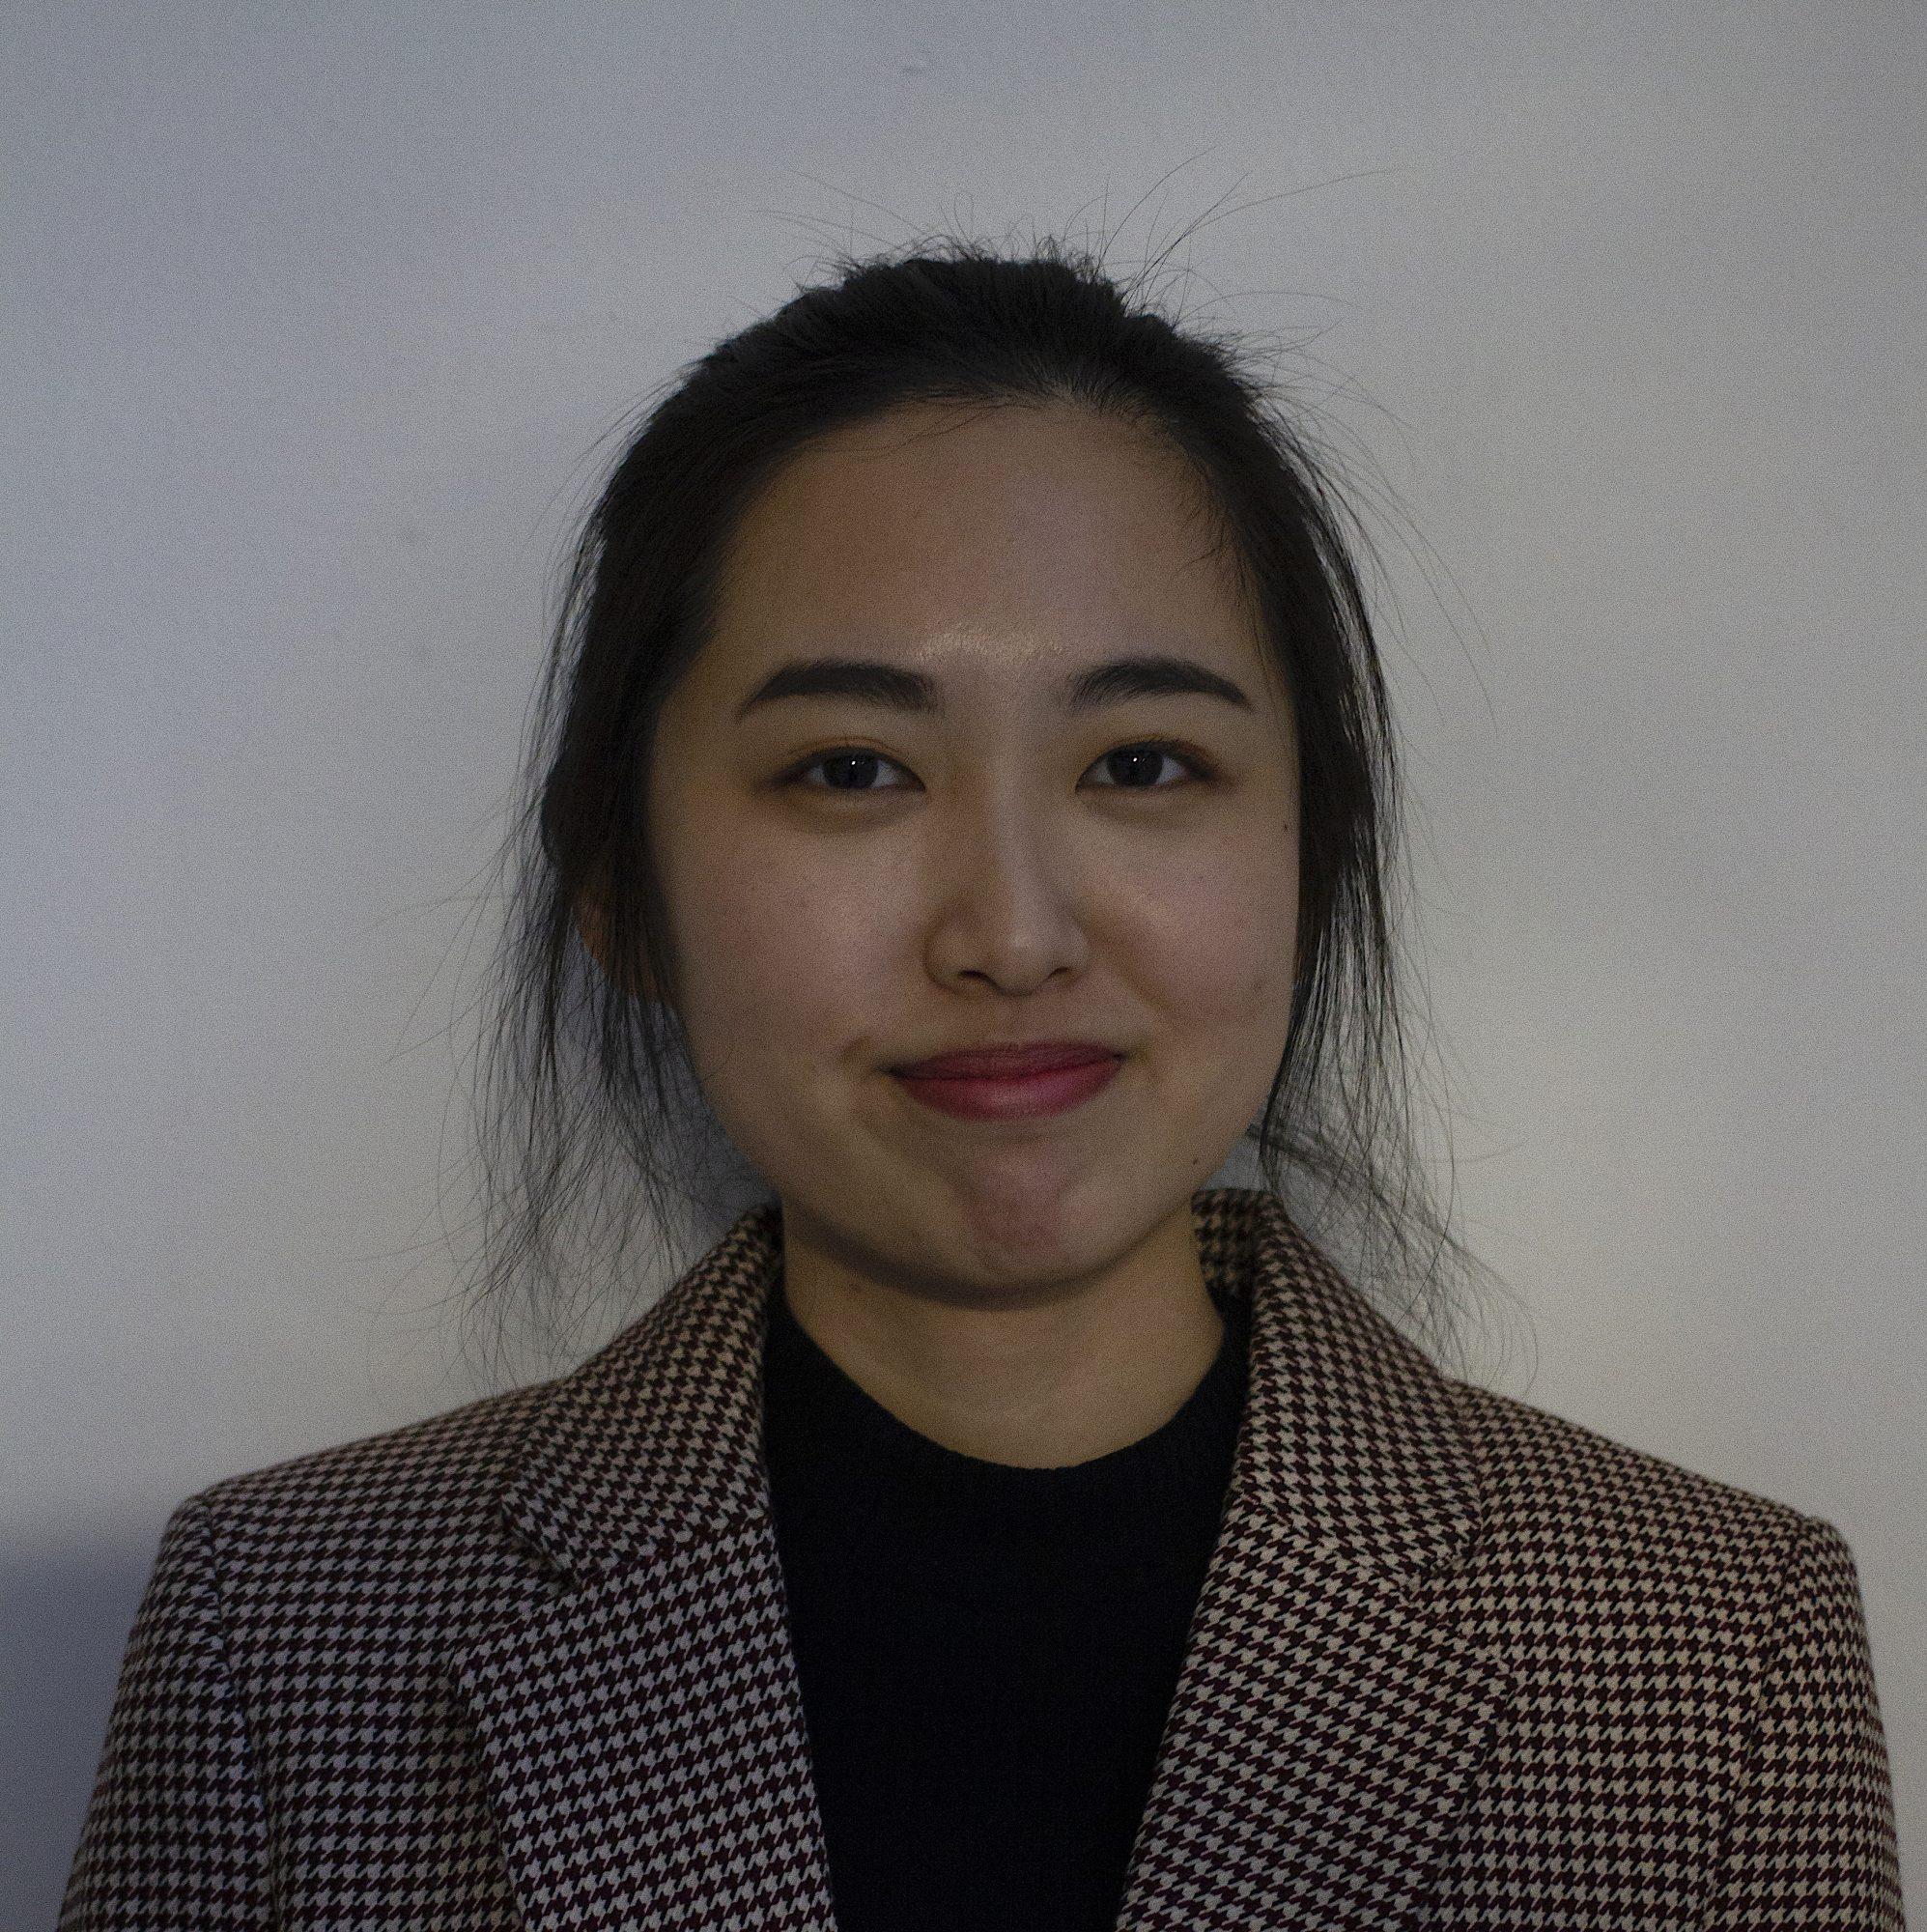 Cheng Yeng Heng